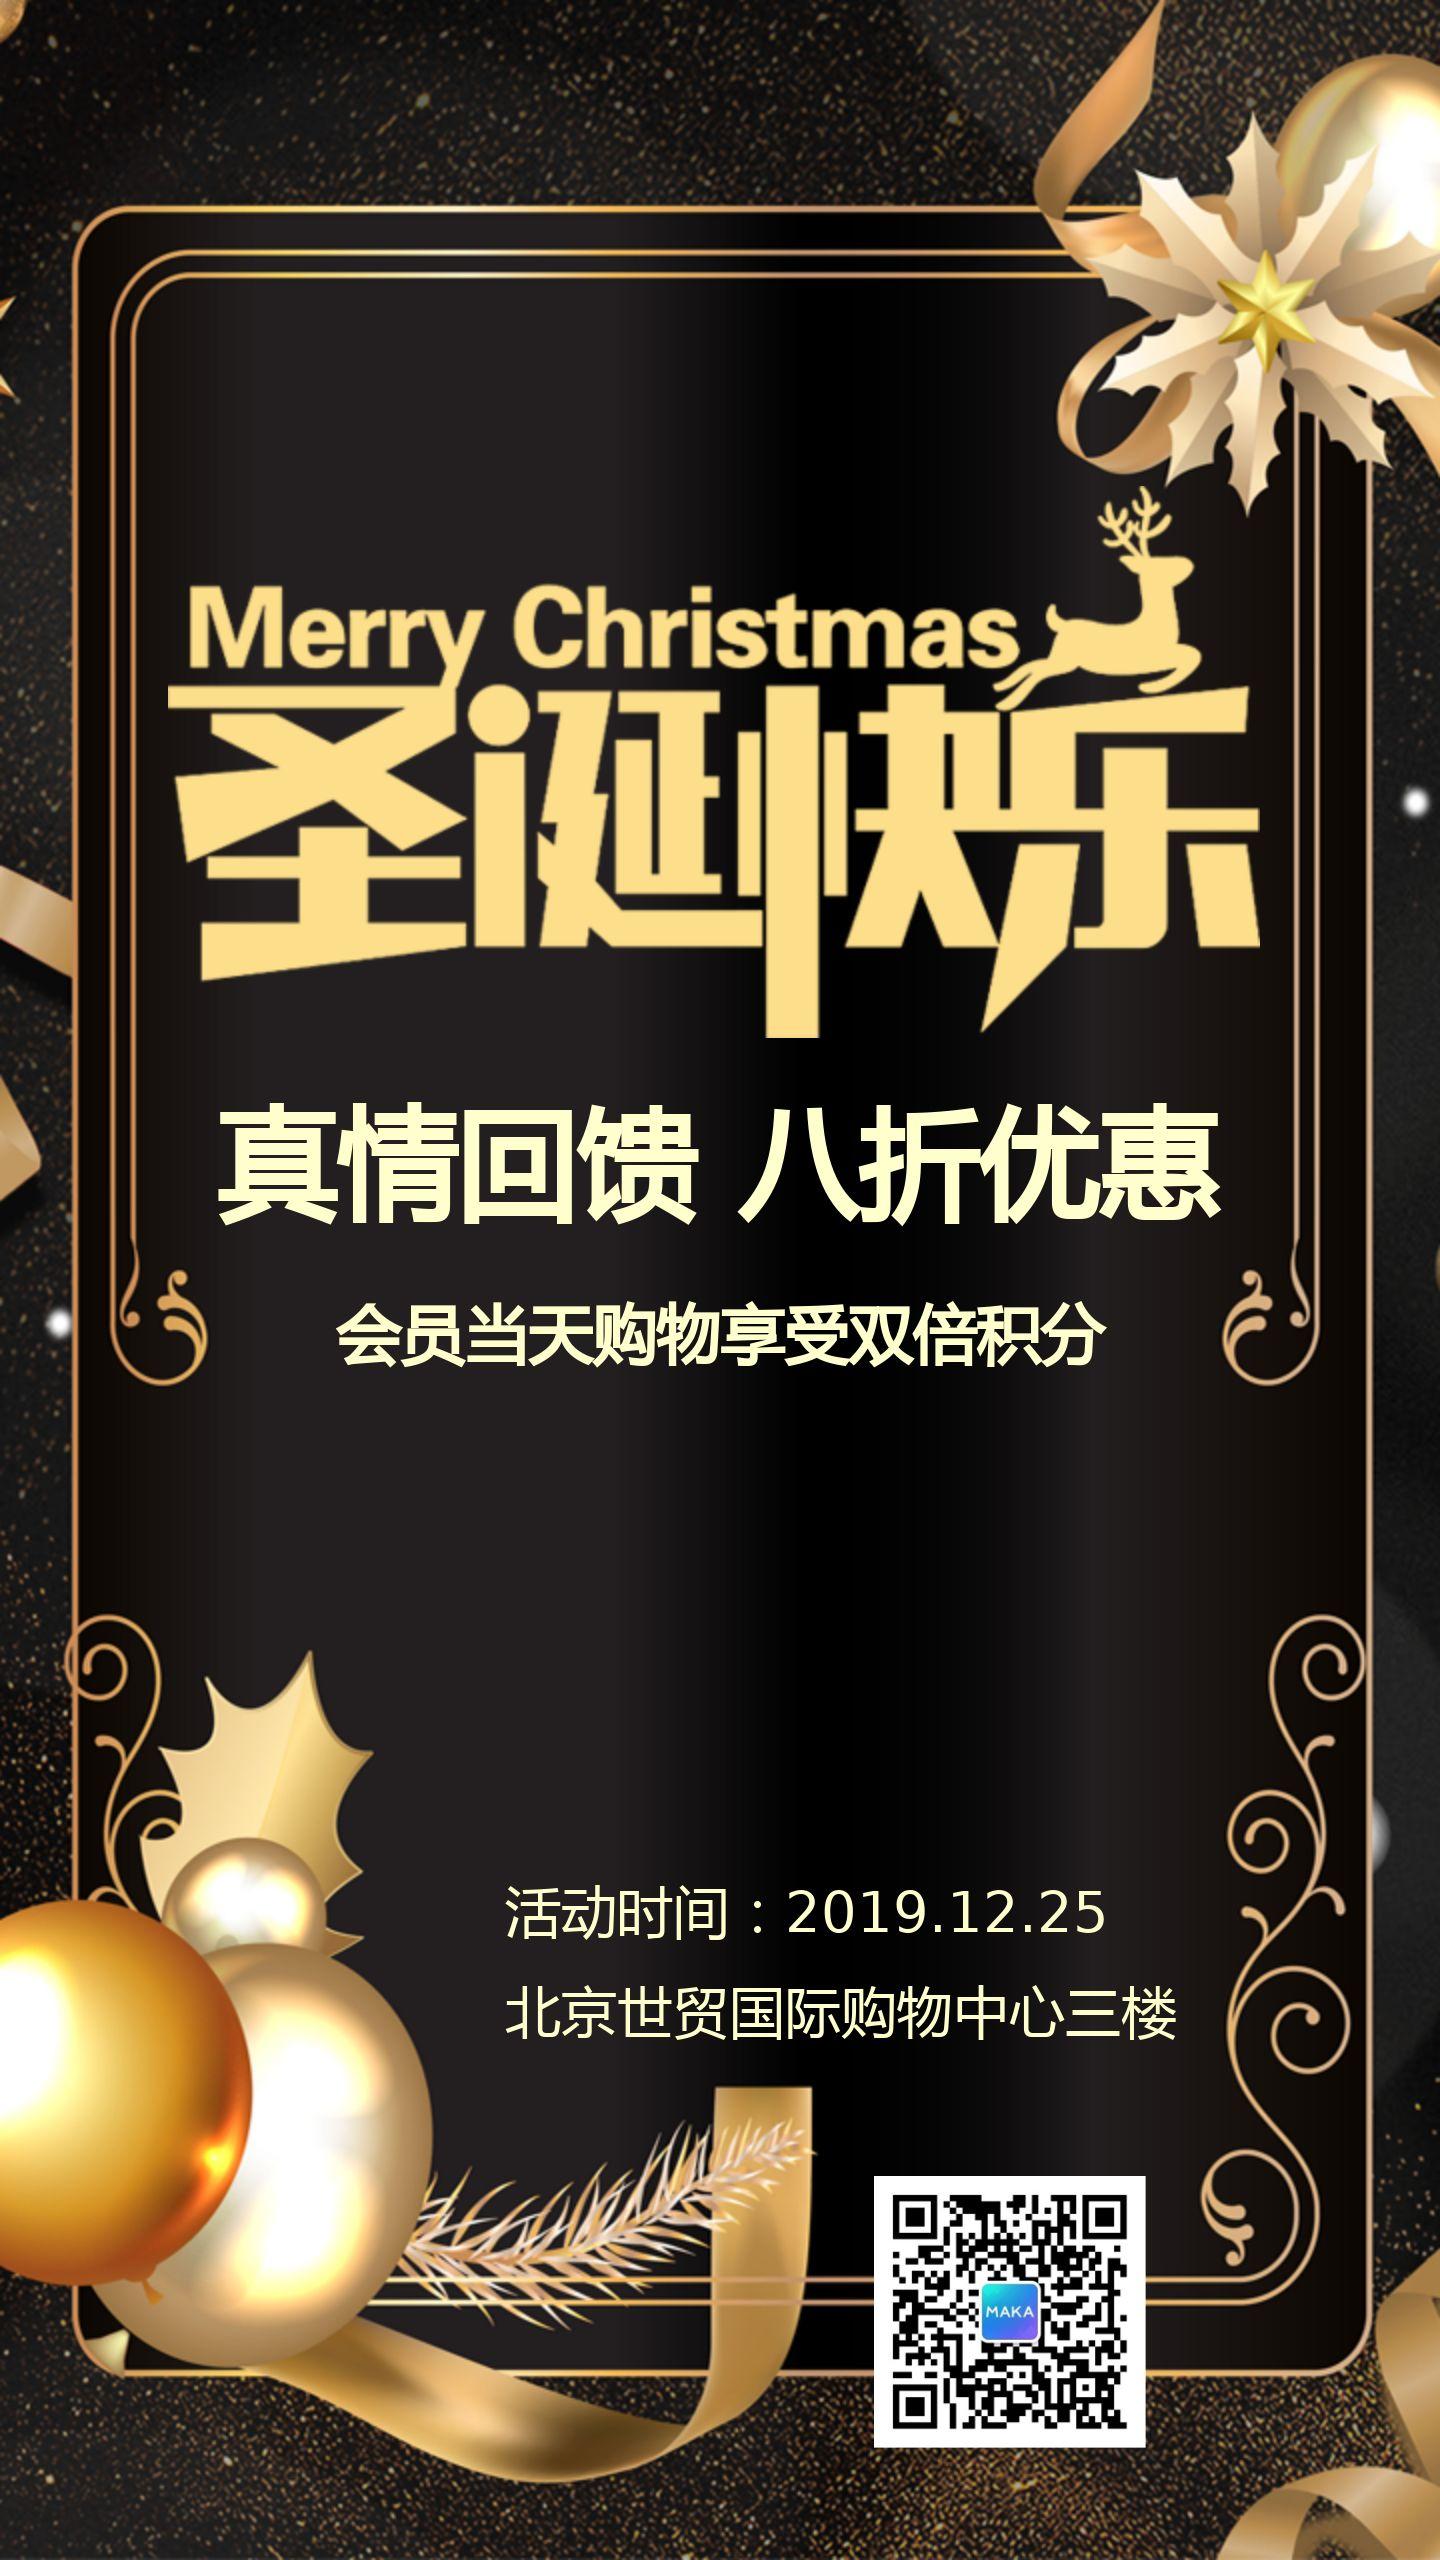 黑色简约时尚圣诞节商家促销宣传海报